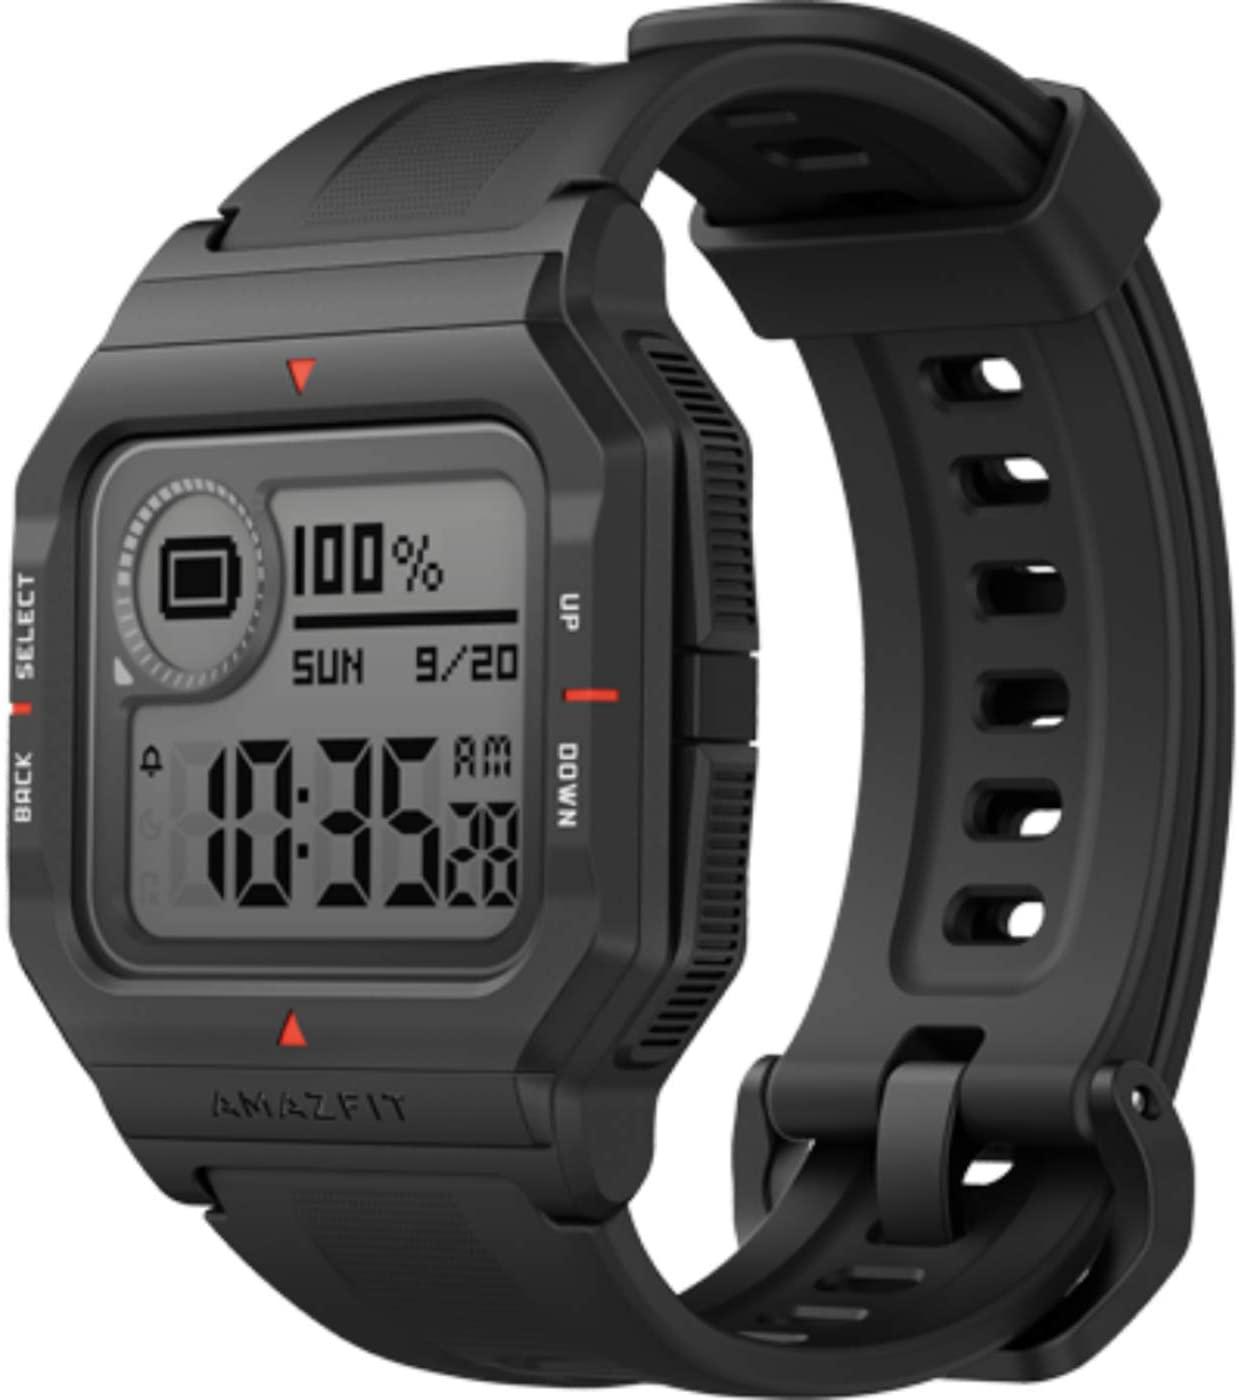 Amazfit Neo Retro-Look Digitaluhr mit smarten Zusatzfunktionen wie Schrittzähler etc., ab 28.01. [ALDI-NORD]